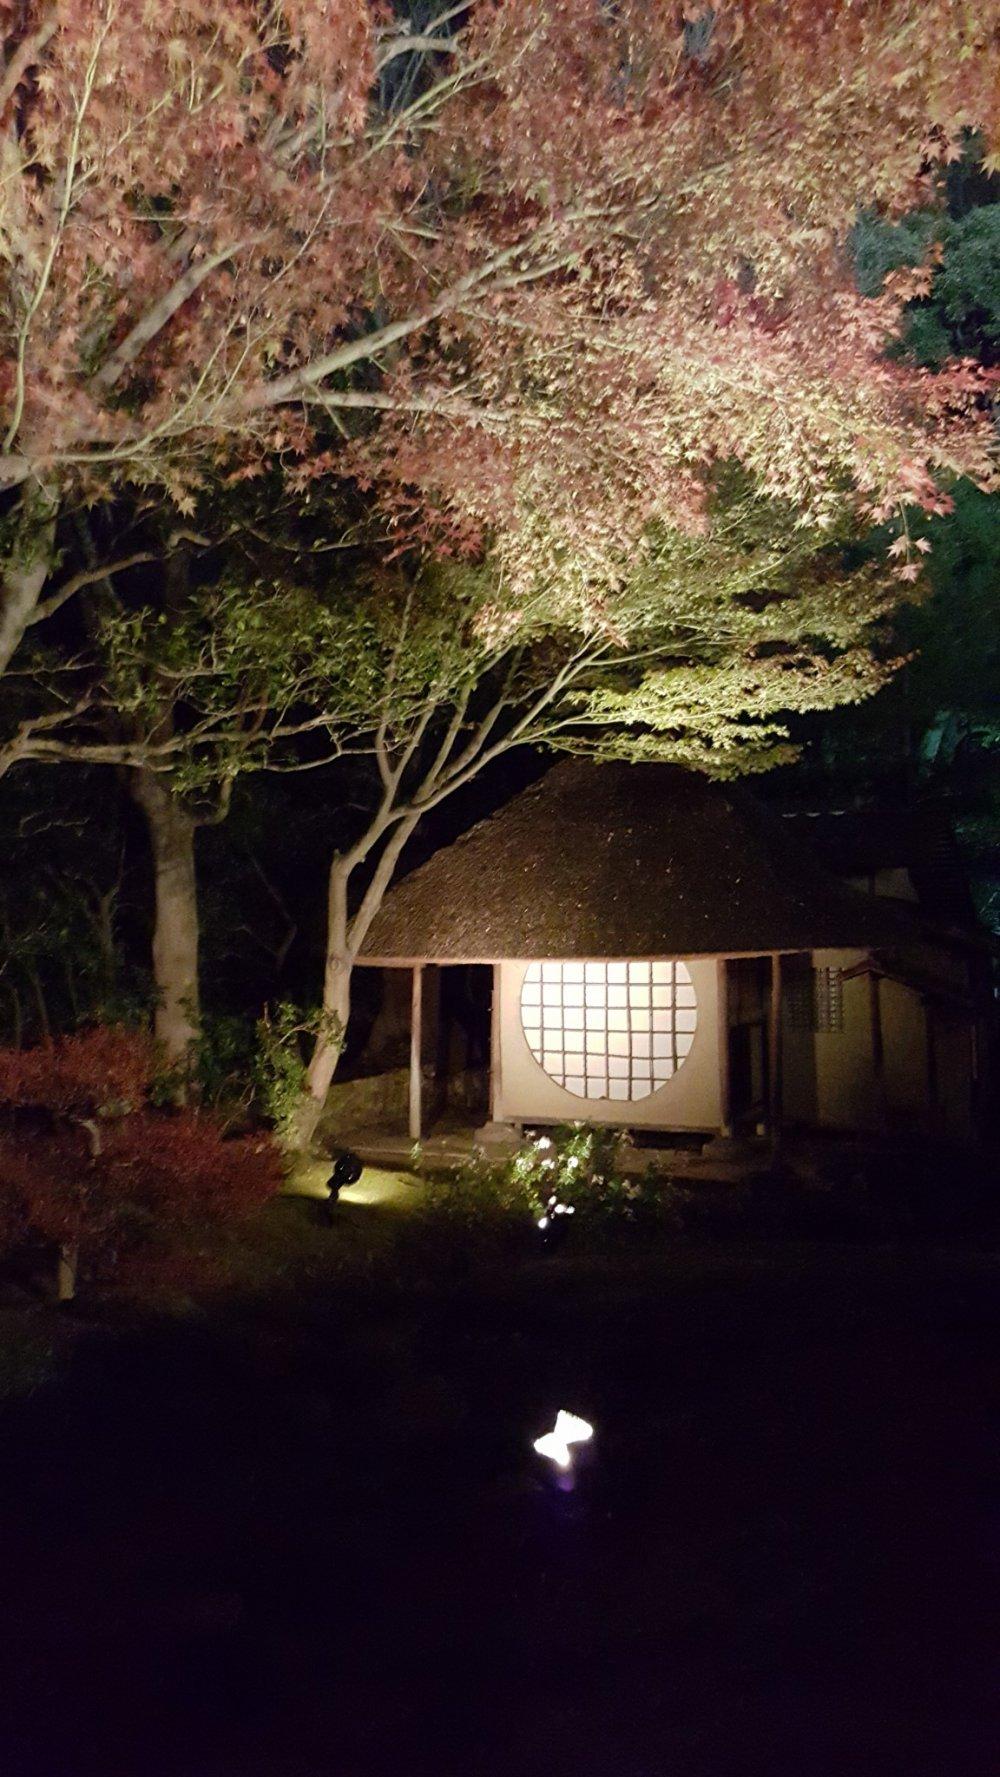 Rumah minum teh dihiasi warna-warna musim gugur.